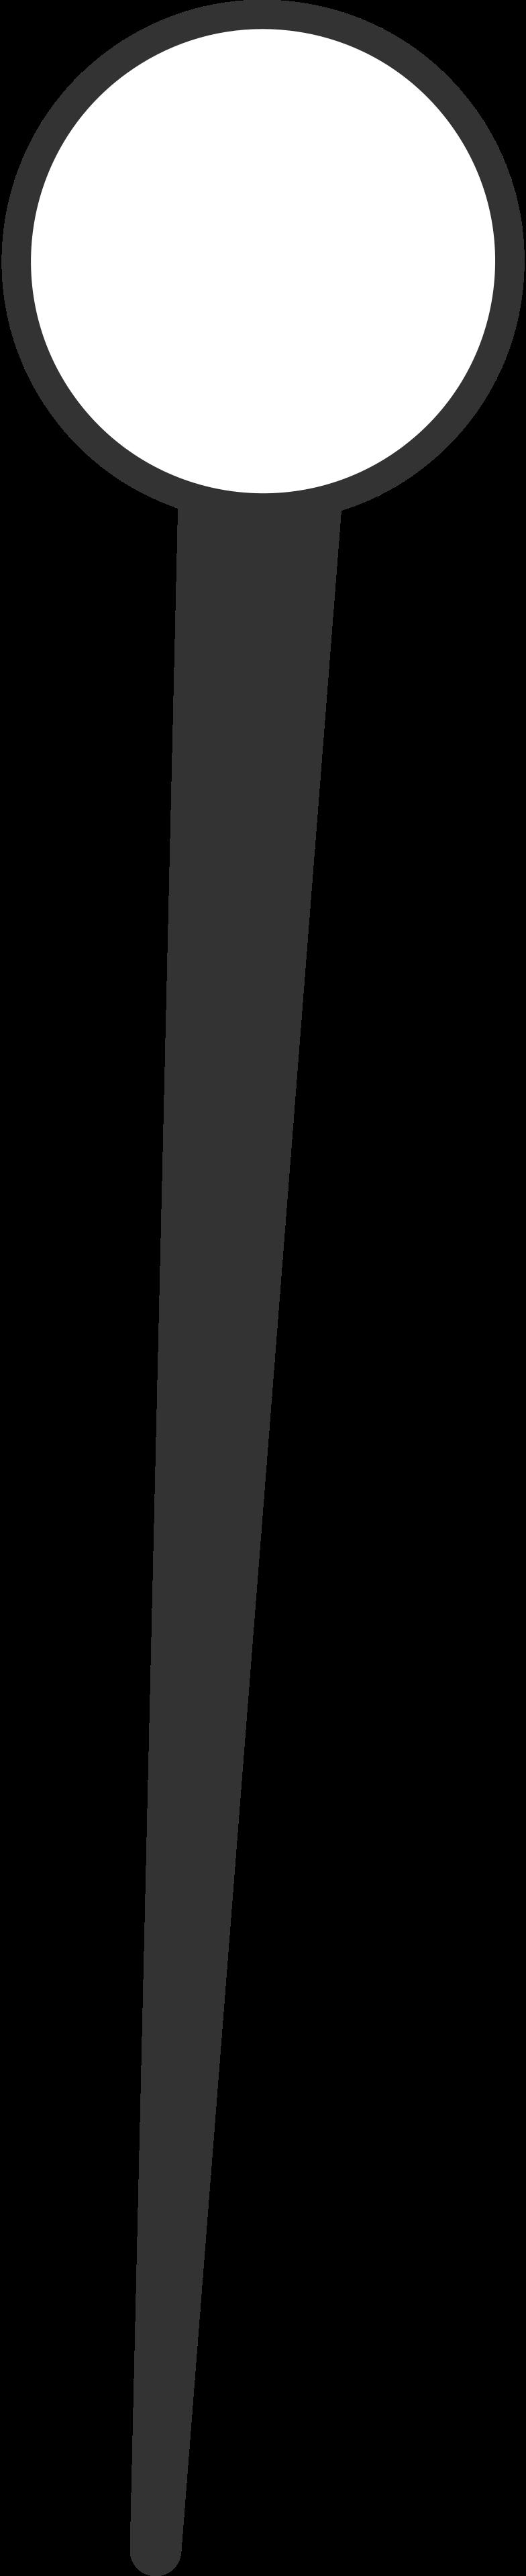 lever Clipart illustration in PNG, SVG